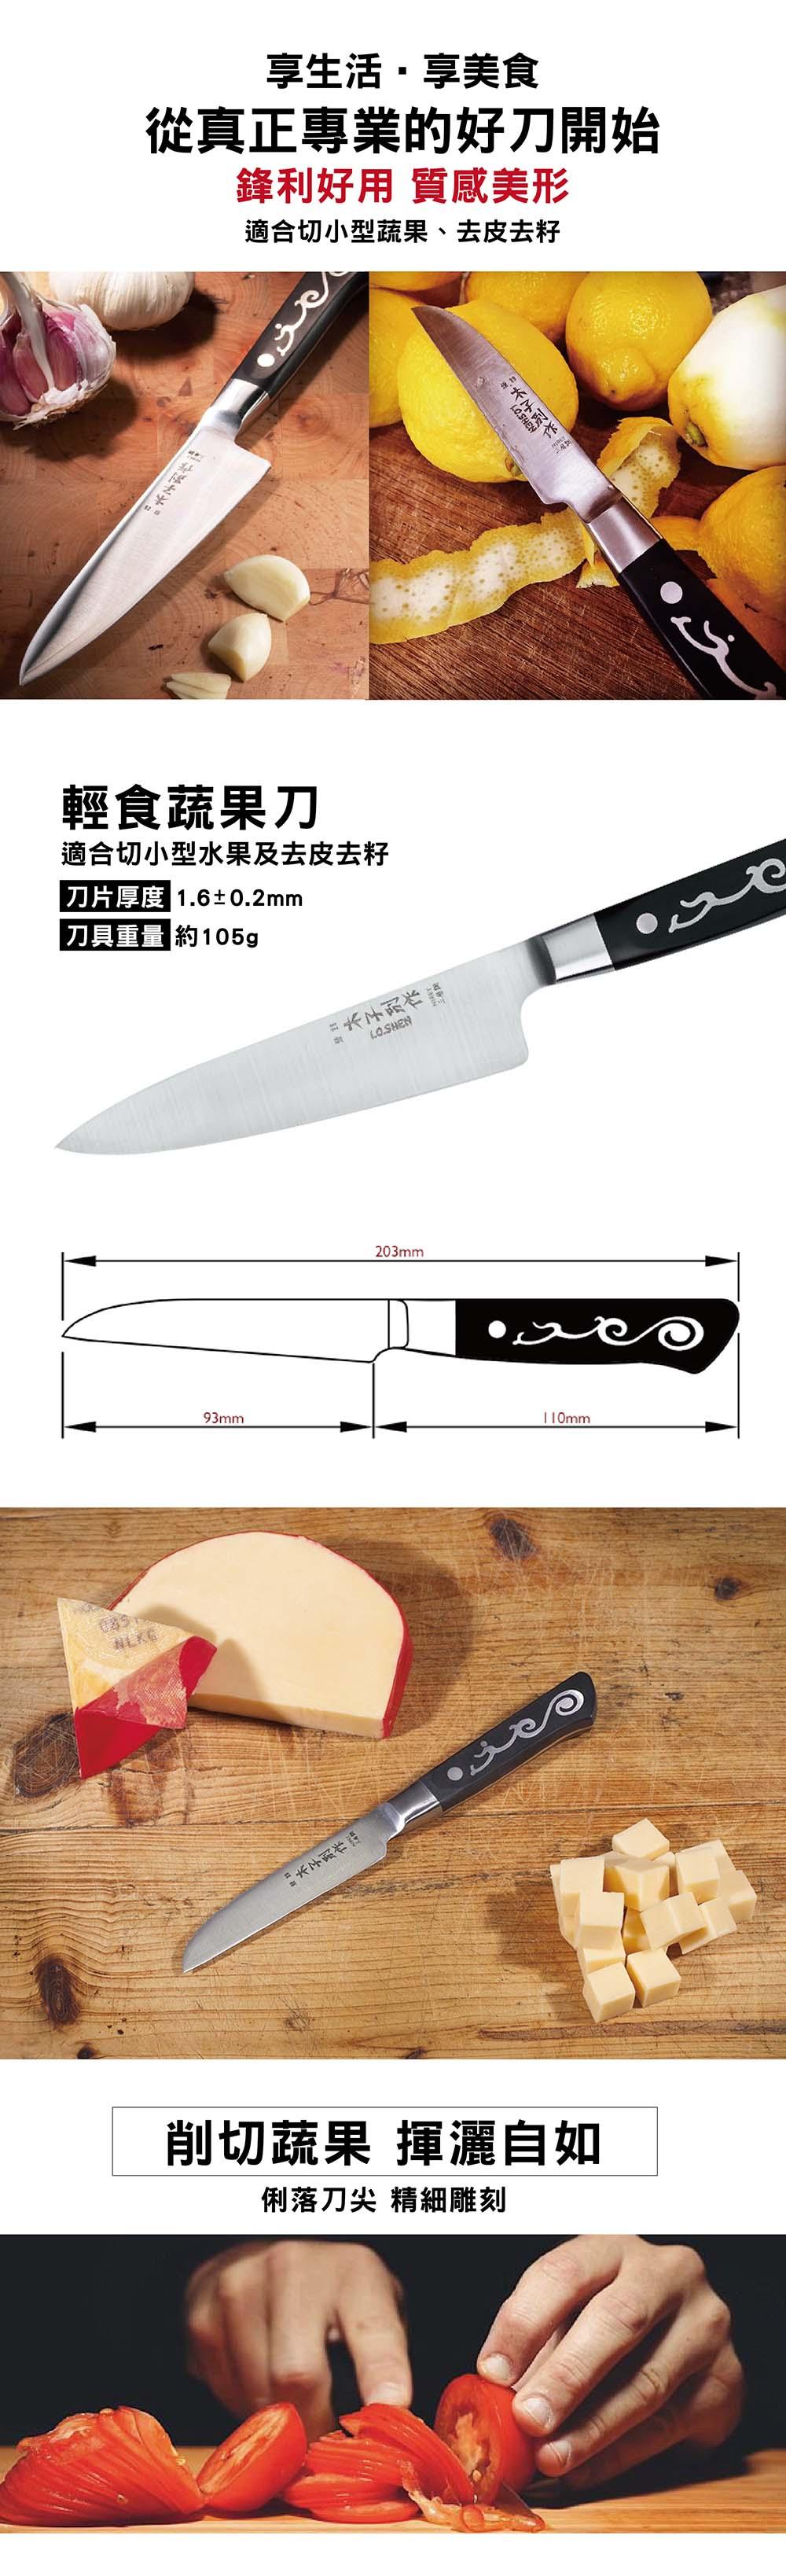 《木子別作》水果刀蔬果刀小刀